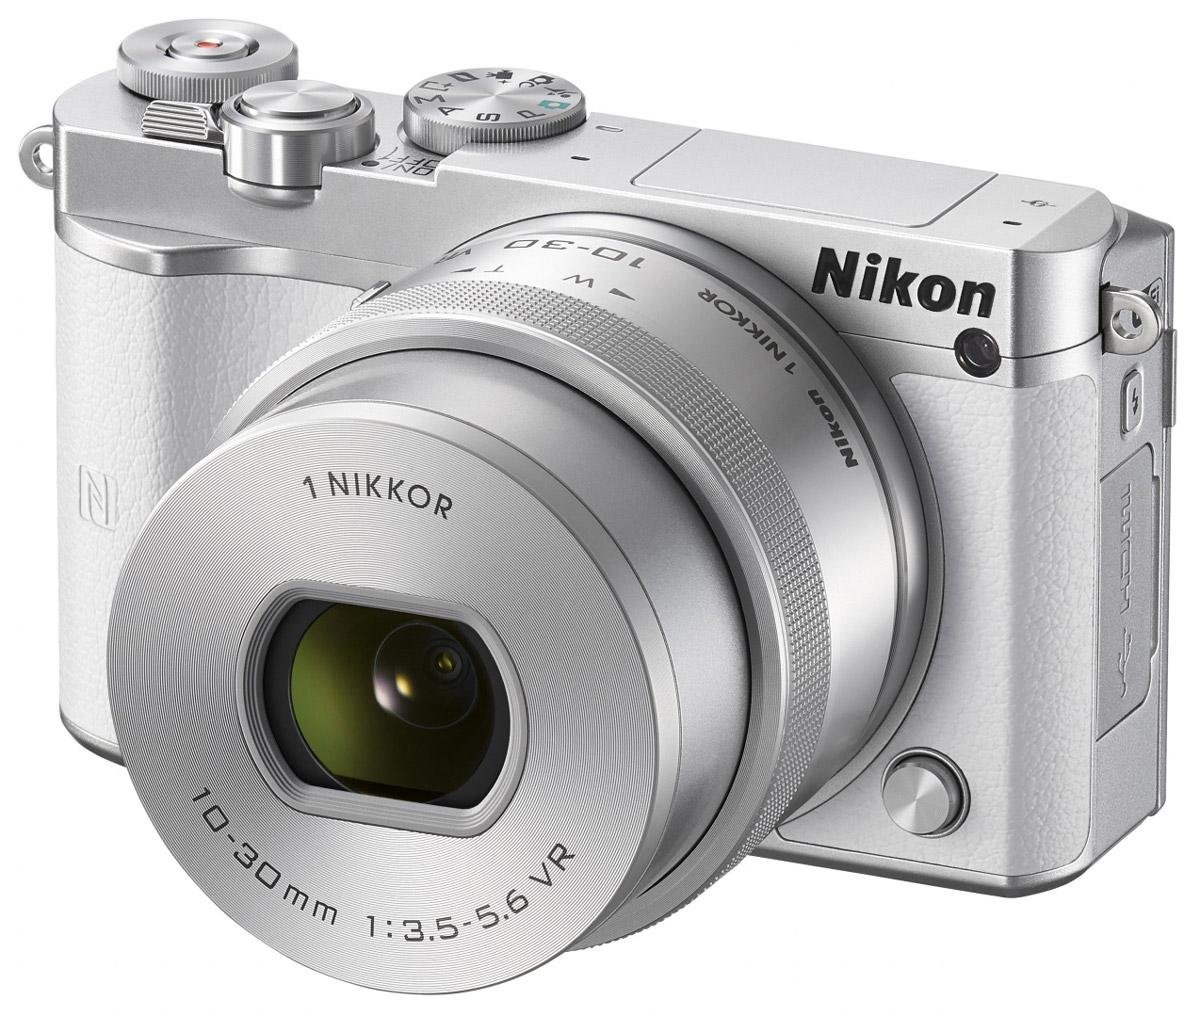 Nikon 1 J5 Kit 10-30 VR, White цифровая фотокамераVVA242K001Бросьте вызов обыденности с ультрапортативной системной фотокамерой Nikon 1 J5. Создавайте захватывающие 20,8-мегапиксельные изображения и удивительно резкие видеоролики с разрешением 4K. Благодаря исключительной скорости съемки, которая даже выше, чем у цифровых зеркальных фотокамер, вы не упустите интересный кадр.Ваши снимки будут выгодно отличаться от фотографий, снятых при помощи смартфонов, благодаря разрешению 20,8 мегапикселя. Фотокамера Nikon 1 J5 оснащена большой КМОП-матрицей и может использоваться с объективами 1 NIKKOR. Это отличный инструмент для реализации самых смелых творческих замыслов.При скорости 20 кадров в секунду с непрерывной автофокусировкой портативная фотокамера Nikon 1 J5 позволяет снимать сюжеты, недоступные даже для цифровой зеркальной фотокамеры. Благодаря режиму Спорт вы сможете запечатлеть самые стремительные движения и не упустите ни одного важного момента.Записывайте видеоролики сверхвысокой резкости с разрешением 4K? Создавайте неповторимые эффекты, замедляя ход времени с помощью плавного интервального видео или замедленной видеосъемки HD. Создавайте отличные фотографии одновременно с процессом видеосъемки.С легкостью размещайте лучшие снимки в социальных сетях. Фотокамера Nikon 1 J5 оснащена встроенным модулем Wi-Fi и поддерживает технологию NFC, что позволяет делиться высококачественными фотографиями быстрее, чем когда-либо, загрузив их через интеллектуальное устройство.Создавайте отличные фотоснимки и видеоролики. Касаясь сенсорного экрана с малым временем отклика, фотограф может фокусироваться, выполнять съемку и настраивать основные параметры. Поворачивайте экран вниз или вверх, чтобы снимать с необычного ракурса или создавать творческие автопортреты.Устройство так же удобно в управлении, как и цифровые зеркальные фотокамеры. К услугам пользователей диск выбора режимов PSAM, диск управления и кнопка Fn. Раскройте свой творческий потенциал и создавайте яркие изображени